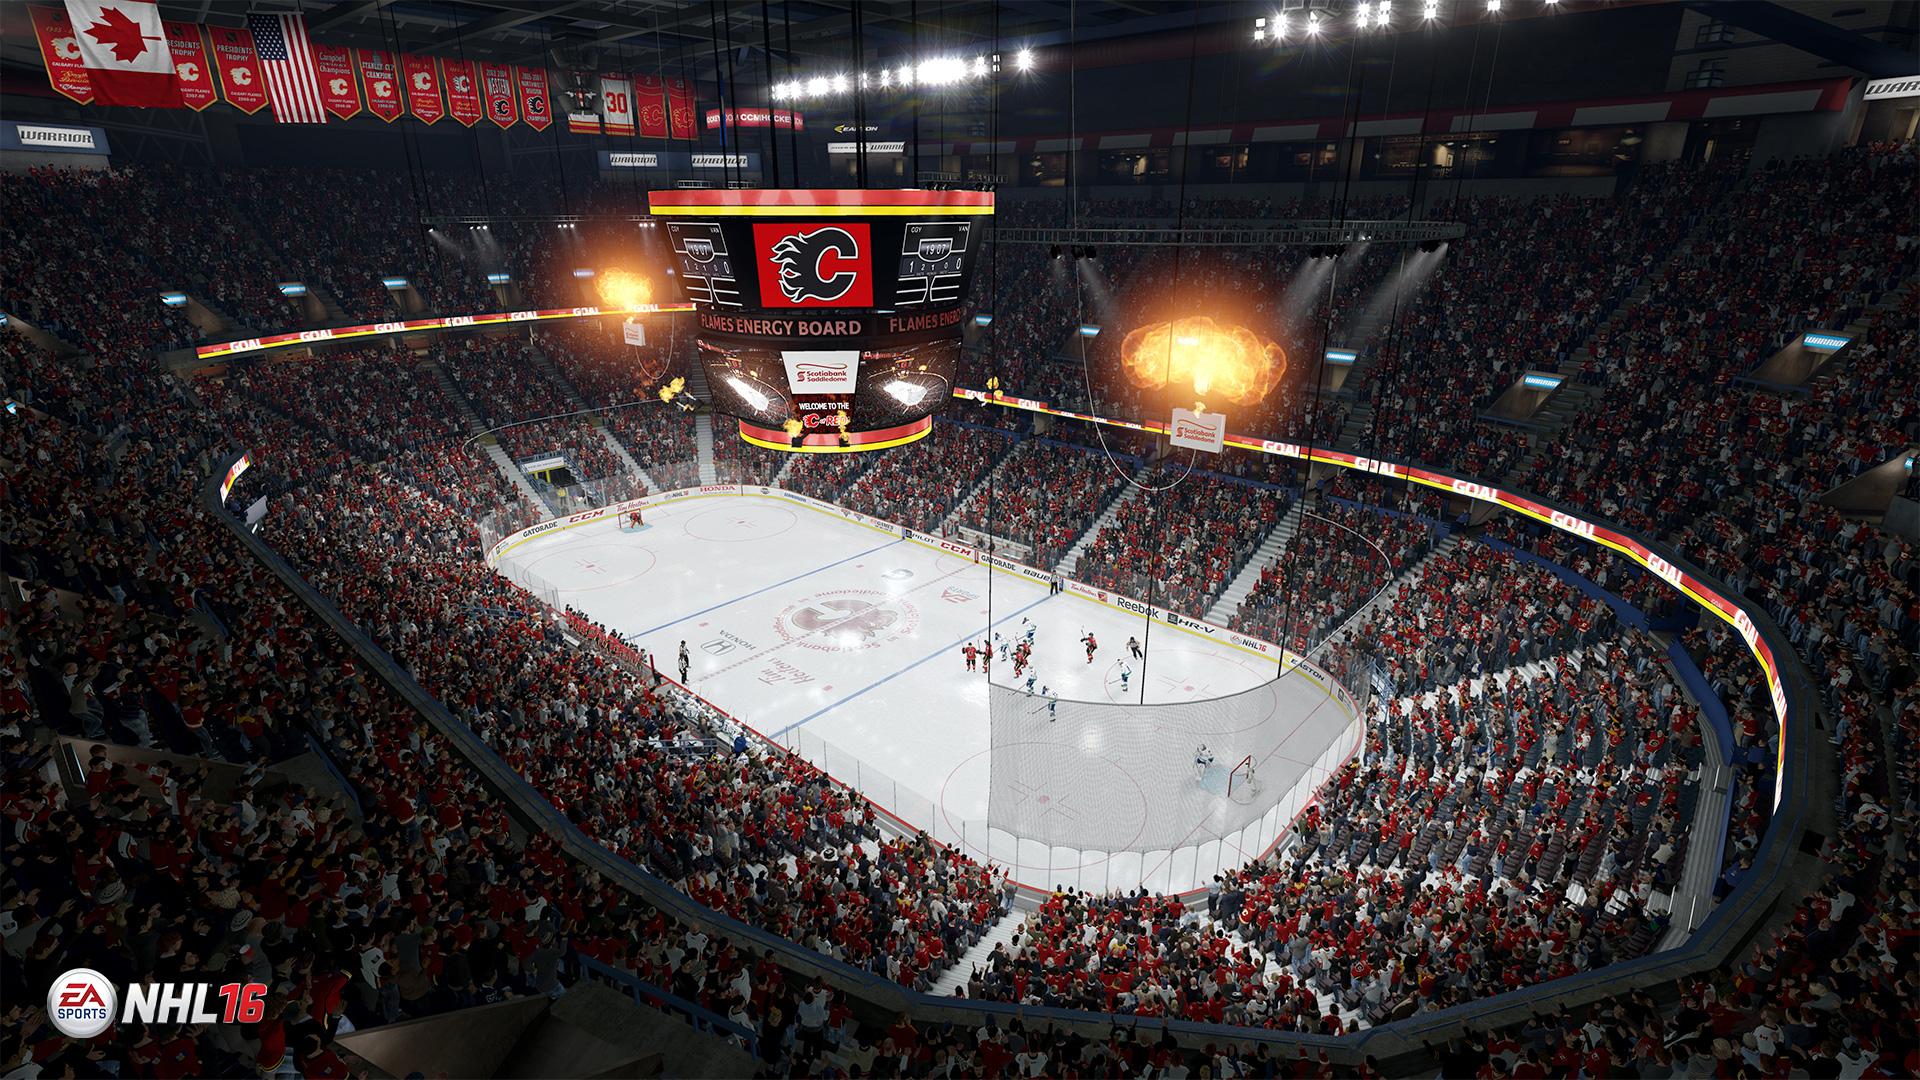 Majitelé NHL 15 si budou moci zahrát betu Hockey League 111909